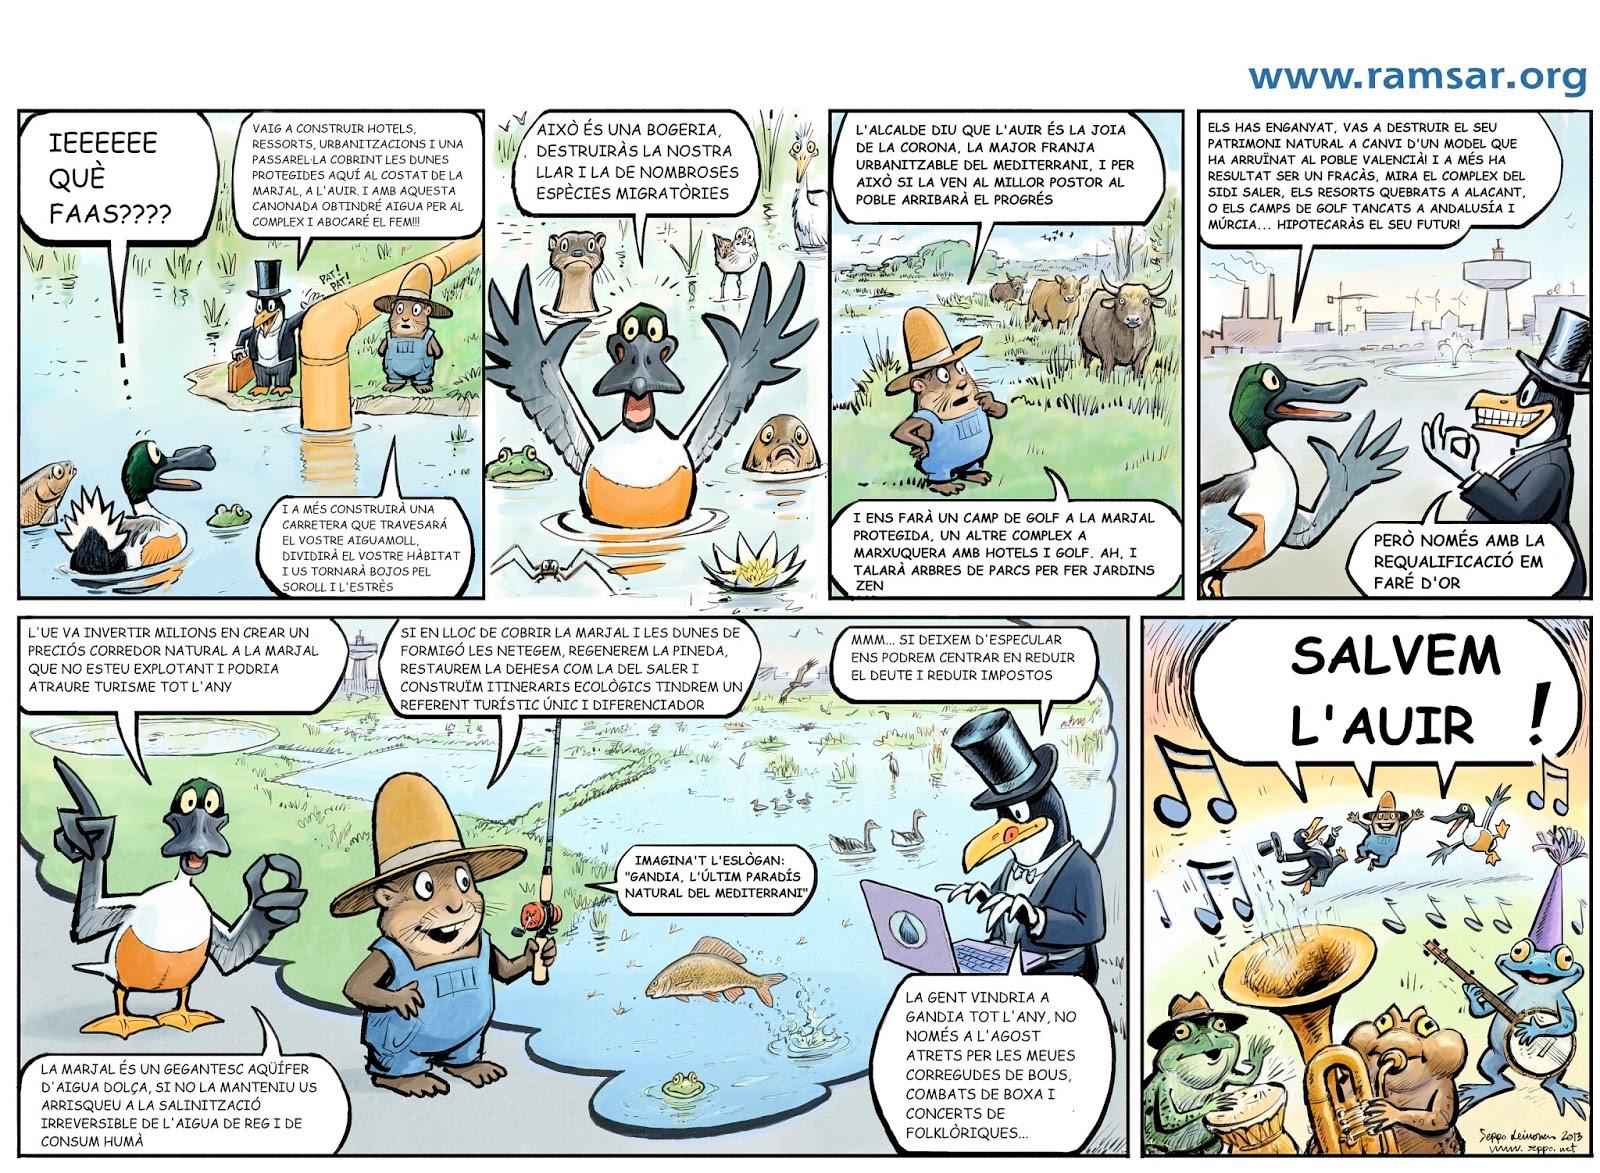 Salvem l'Auir, Dia Mundial de les Zones Humides